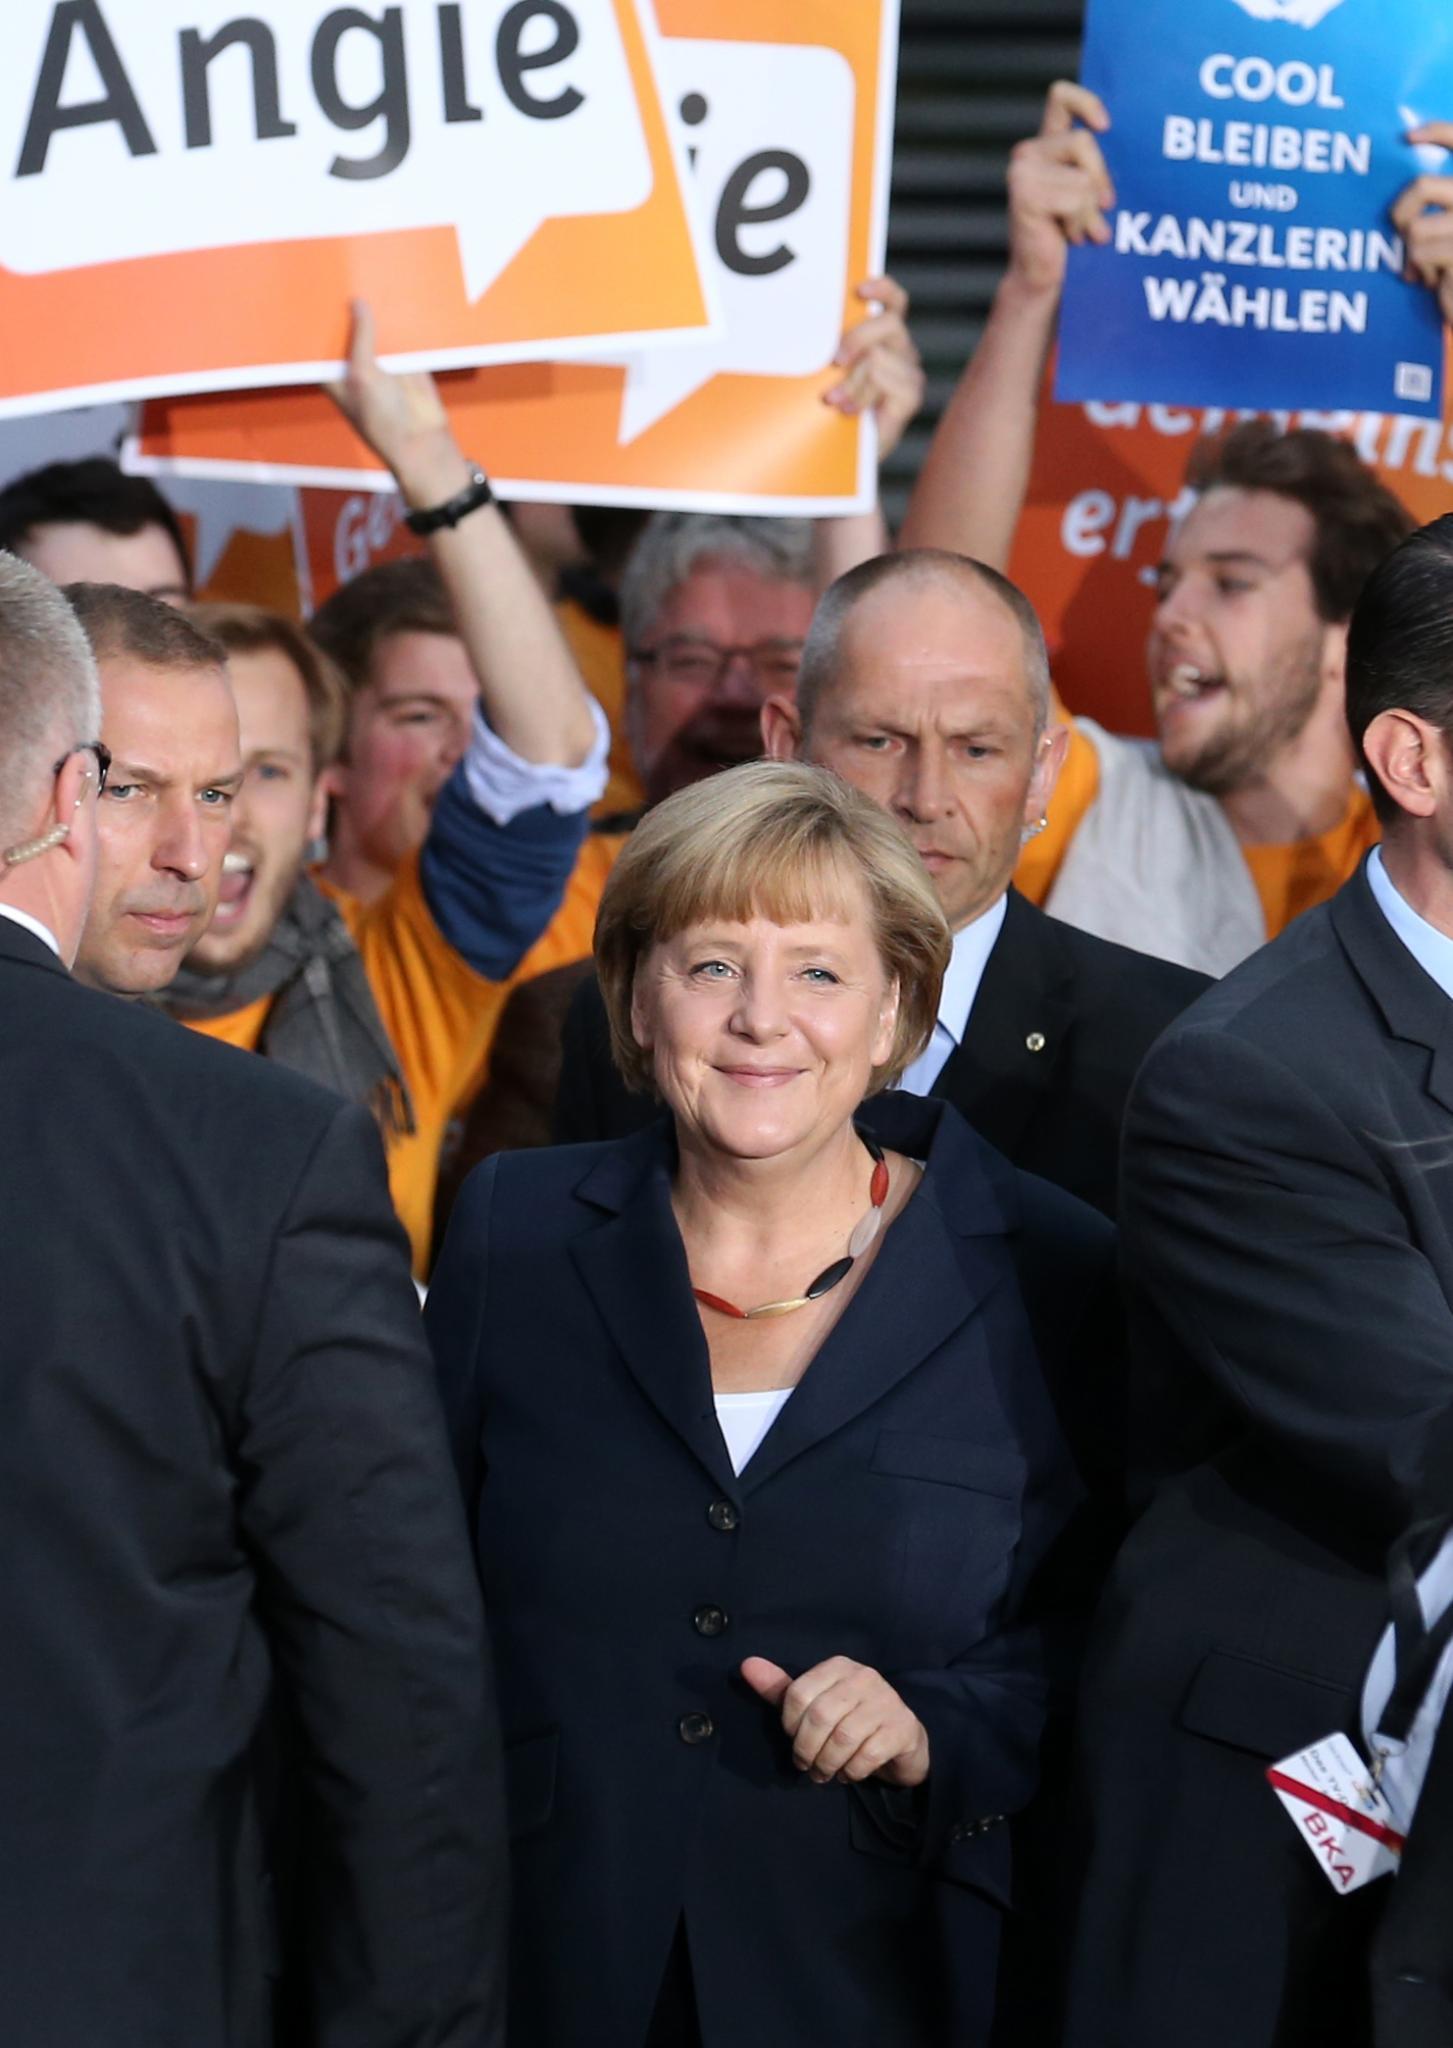 """Angela Merkel und die """"Schlandkette"""""""